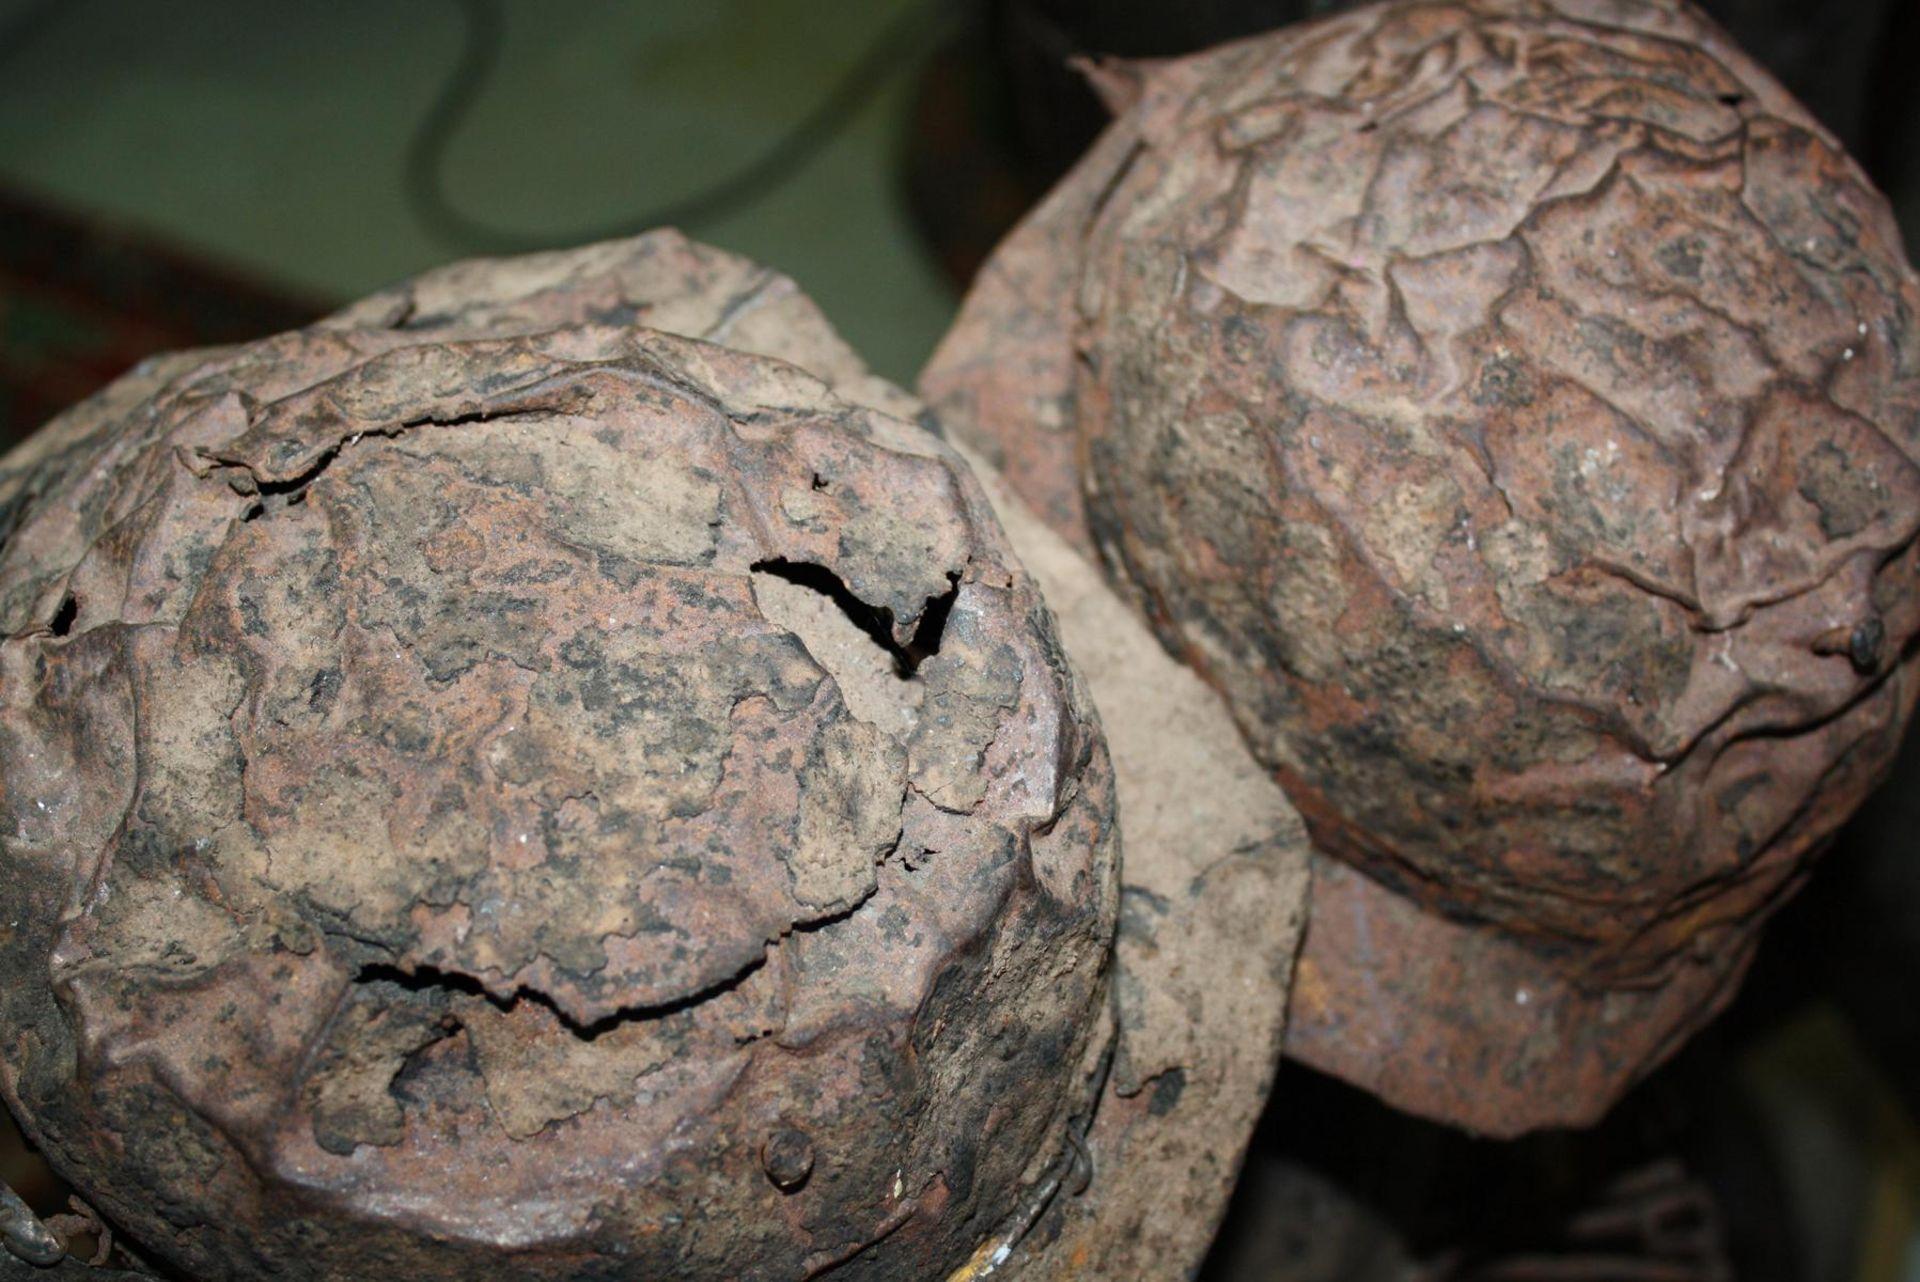 Doppelkopf-Nagelfetisch-Ritual Figur. Kongo-Yombe, Nkisi Nkondi, 1. Hälfte 20. Jh. - Bild 9 aus 9